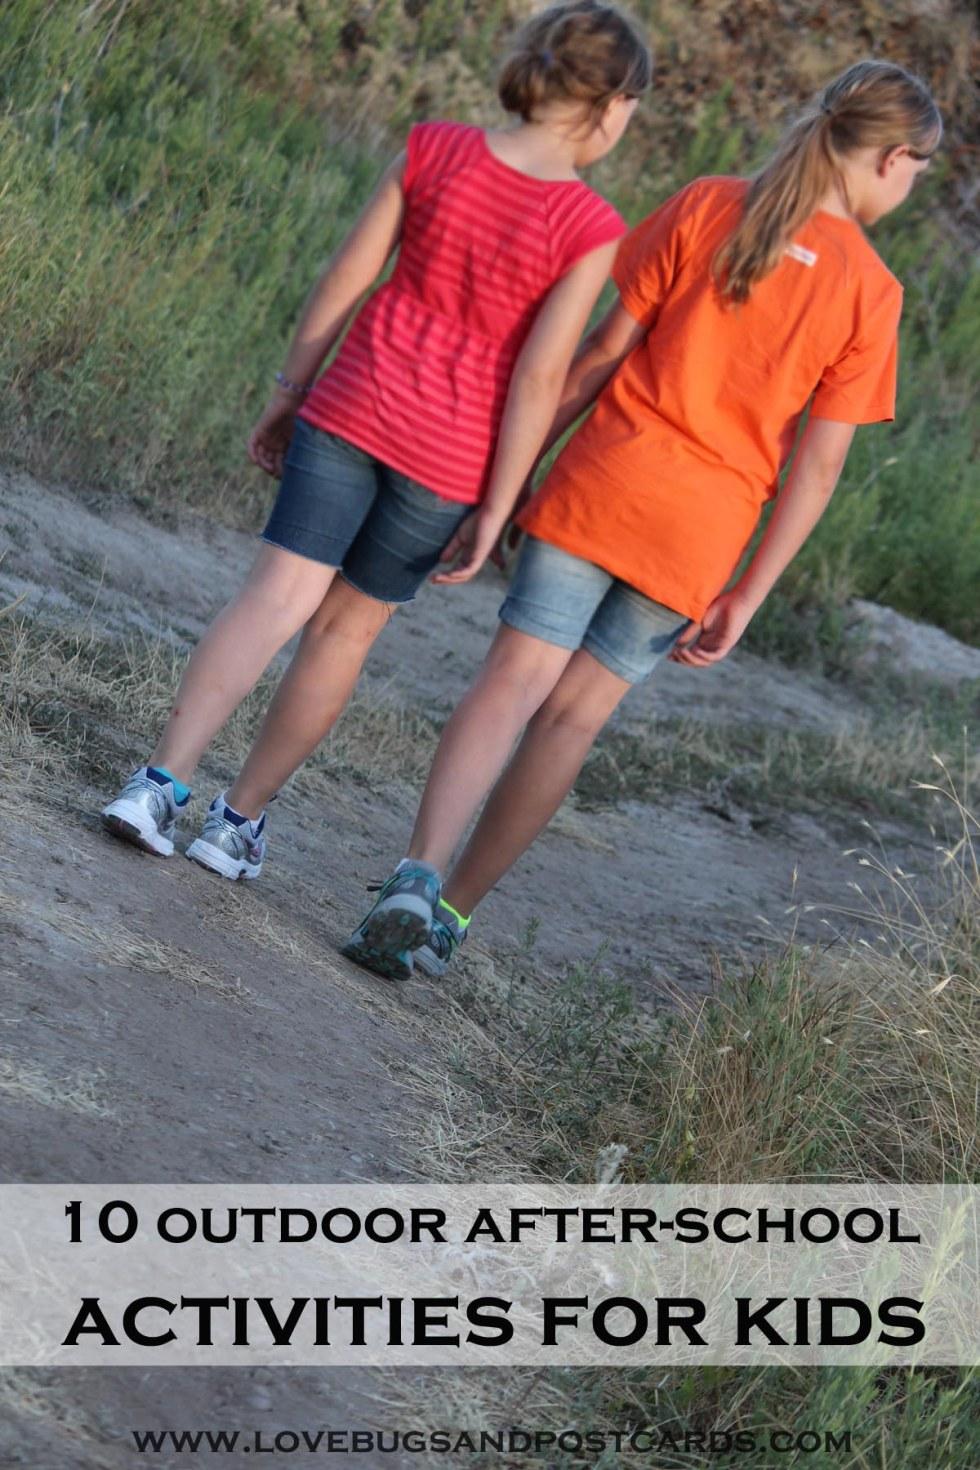 10 outdoor after-school activities for kids